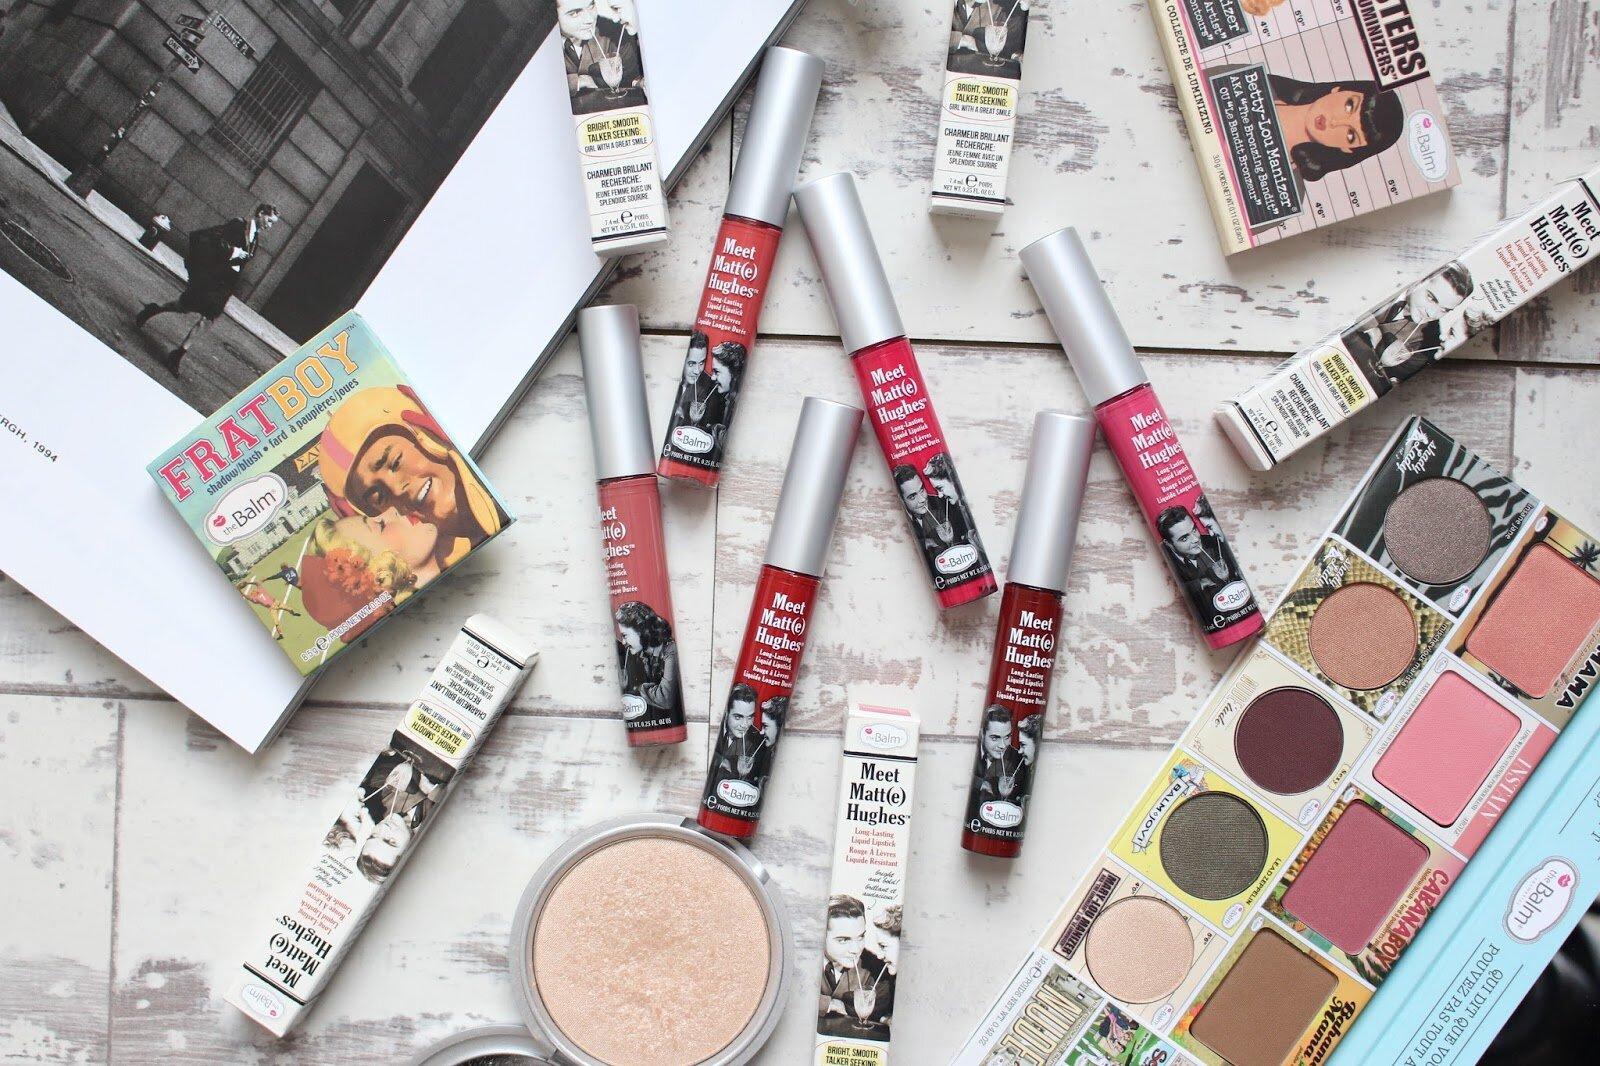 Review son kem lì The Balm Meet Matte Hughes Lip Color